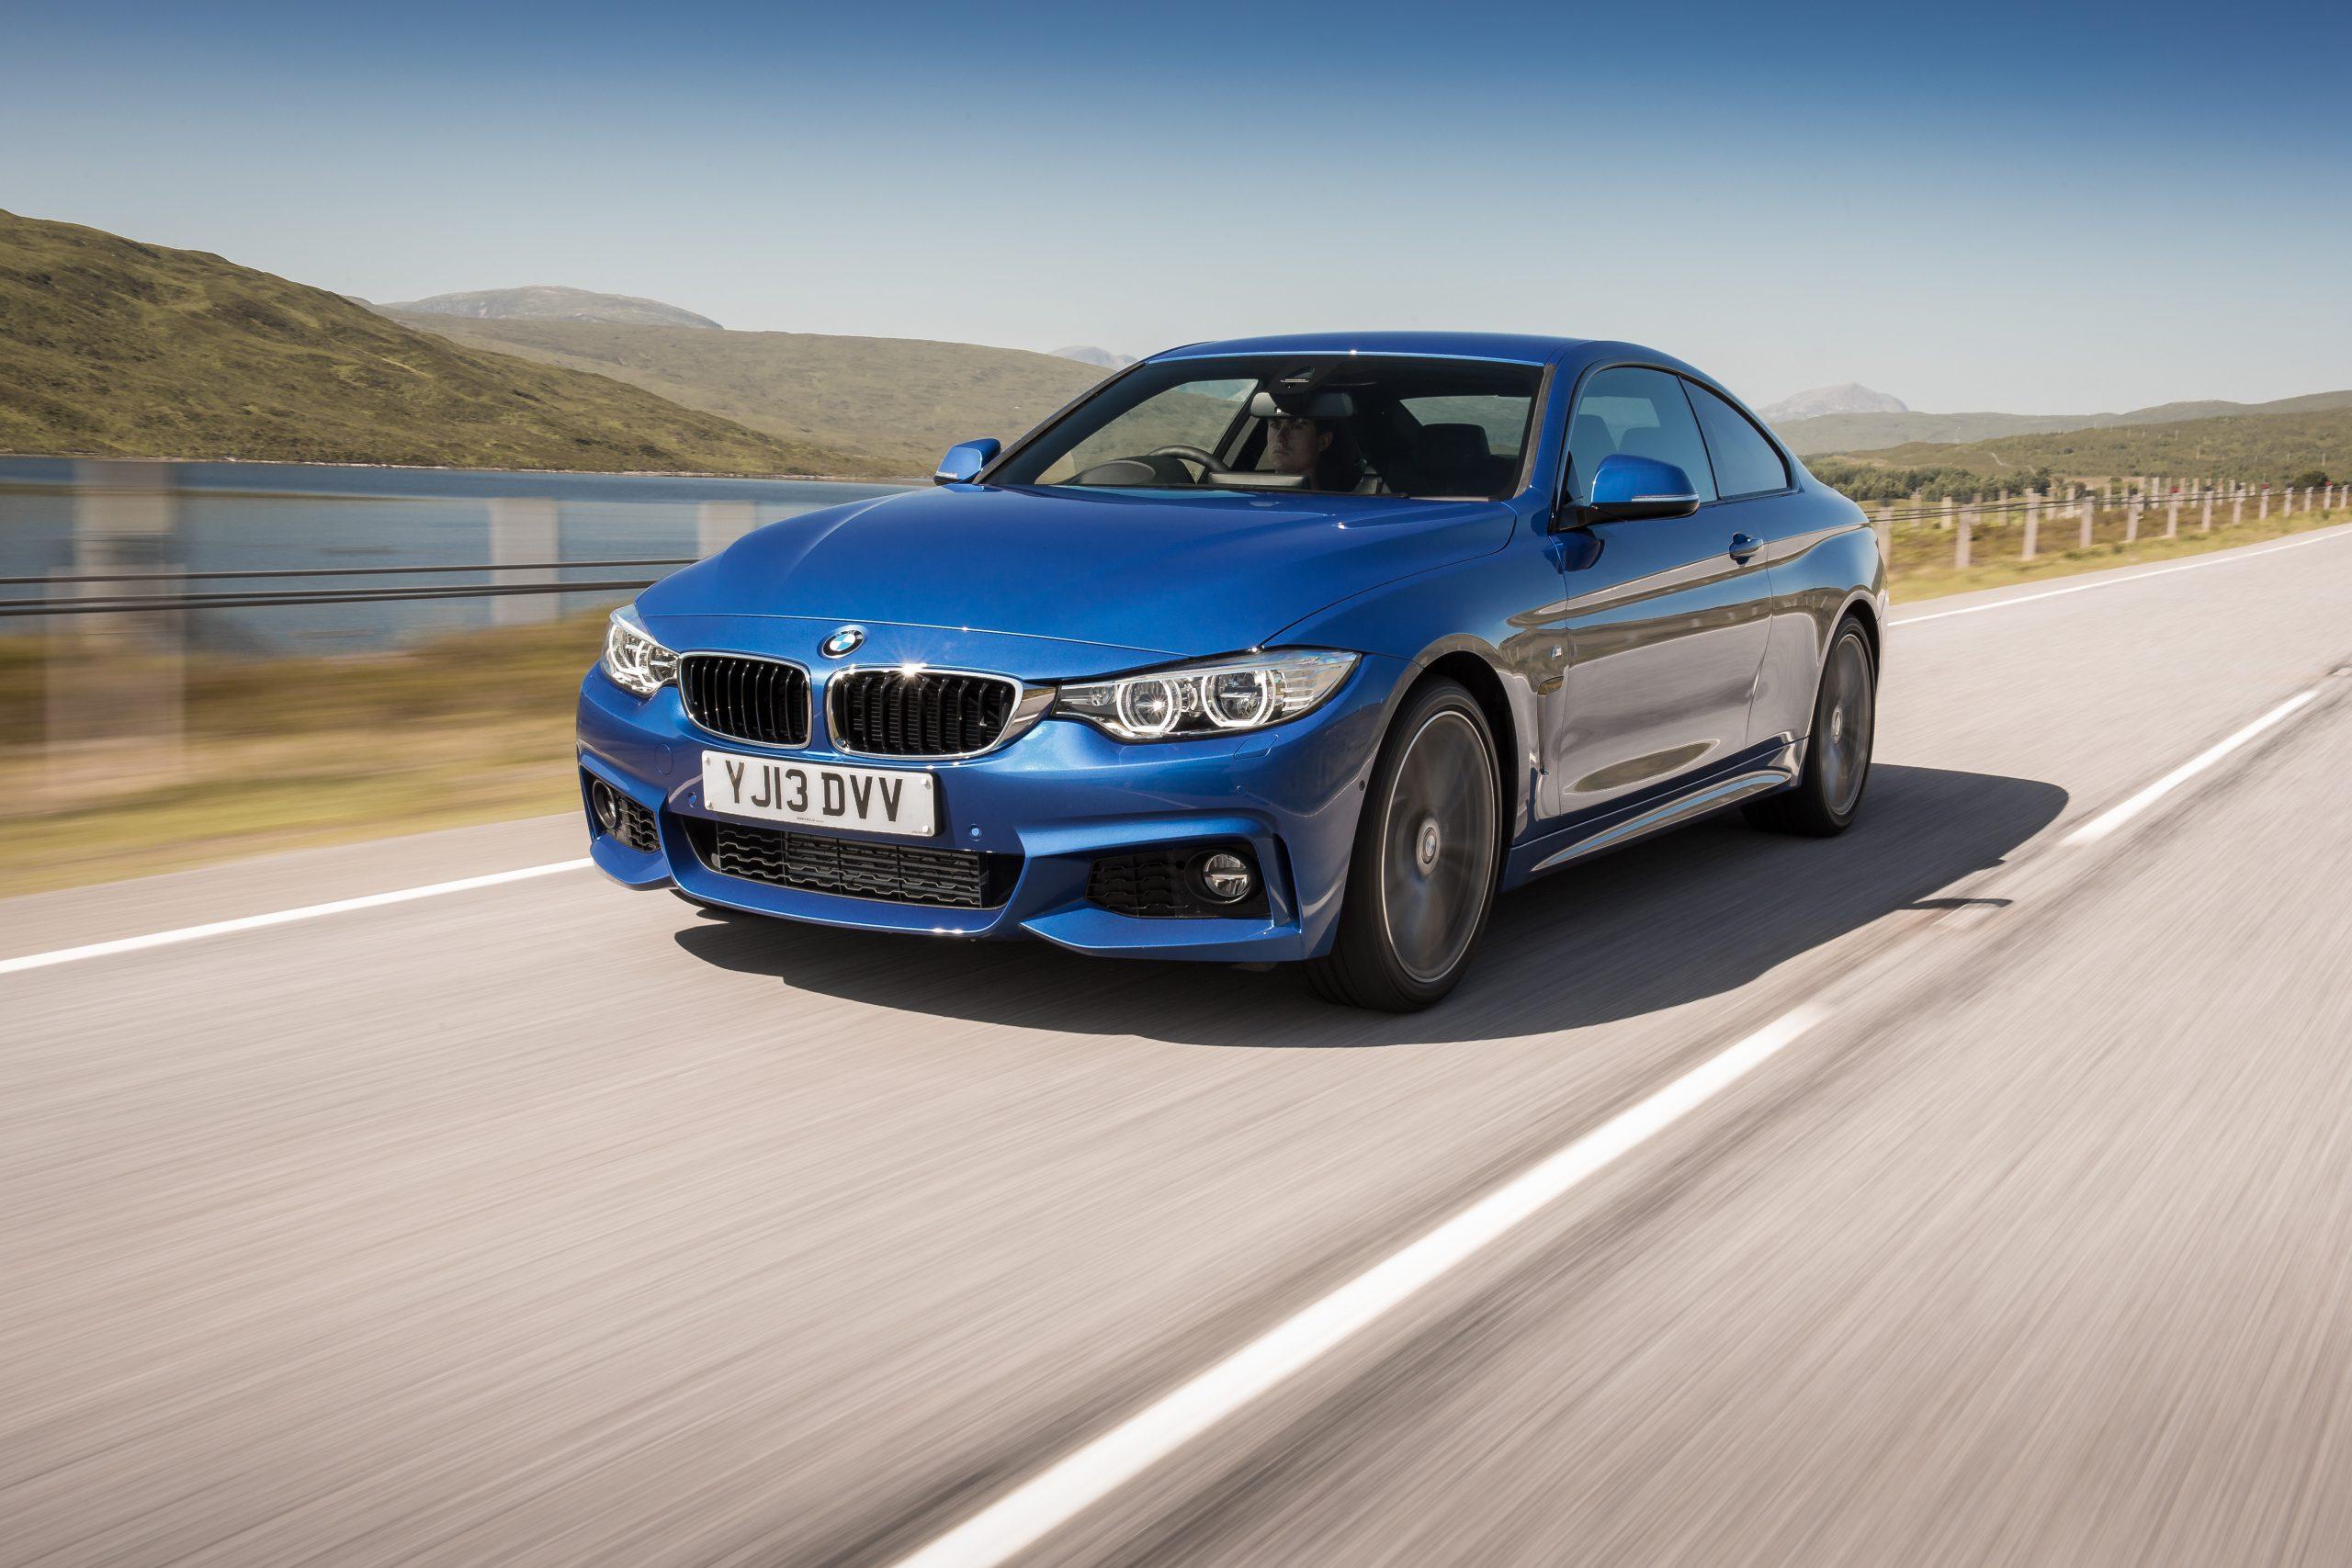 BMW M2続々とディーラーに入庫しはじめているようです。展示車だけでなく試乗車用意しているディーラーも^^